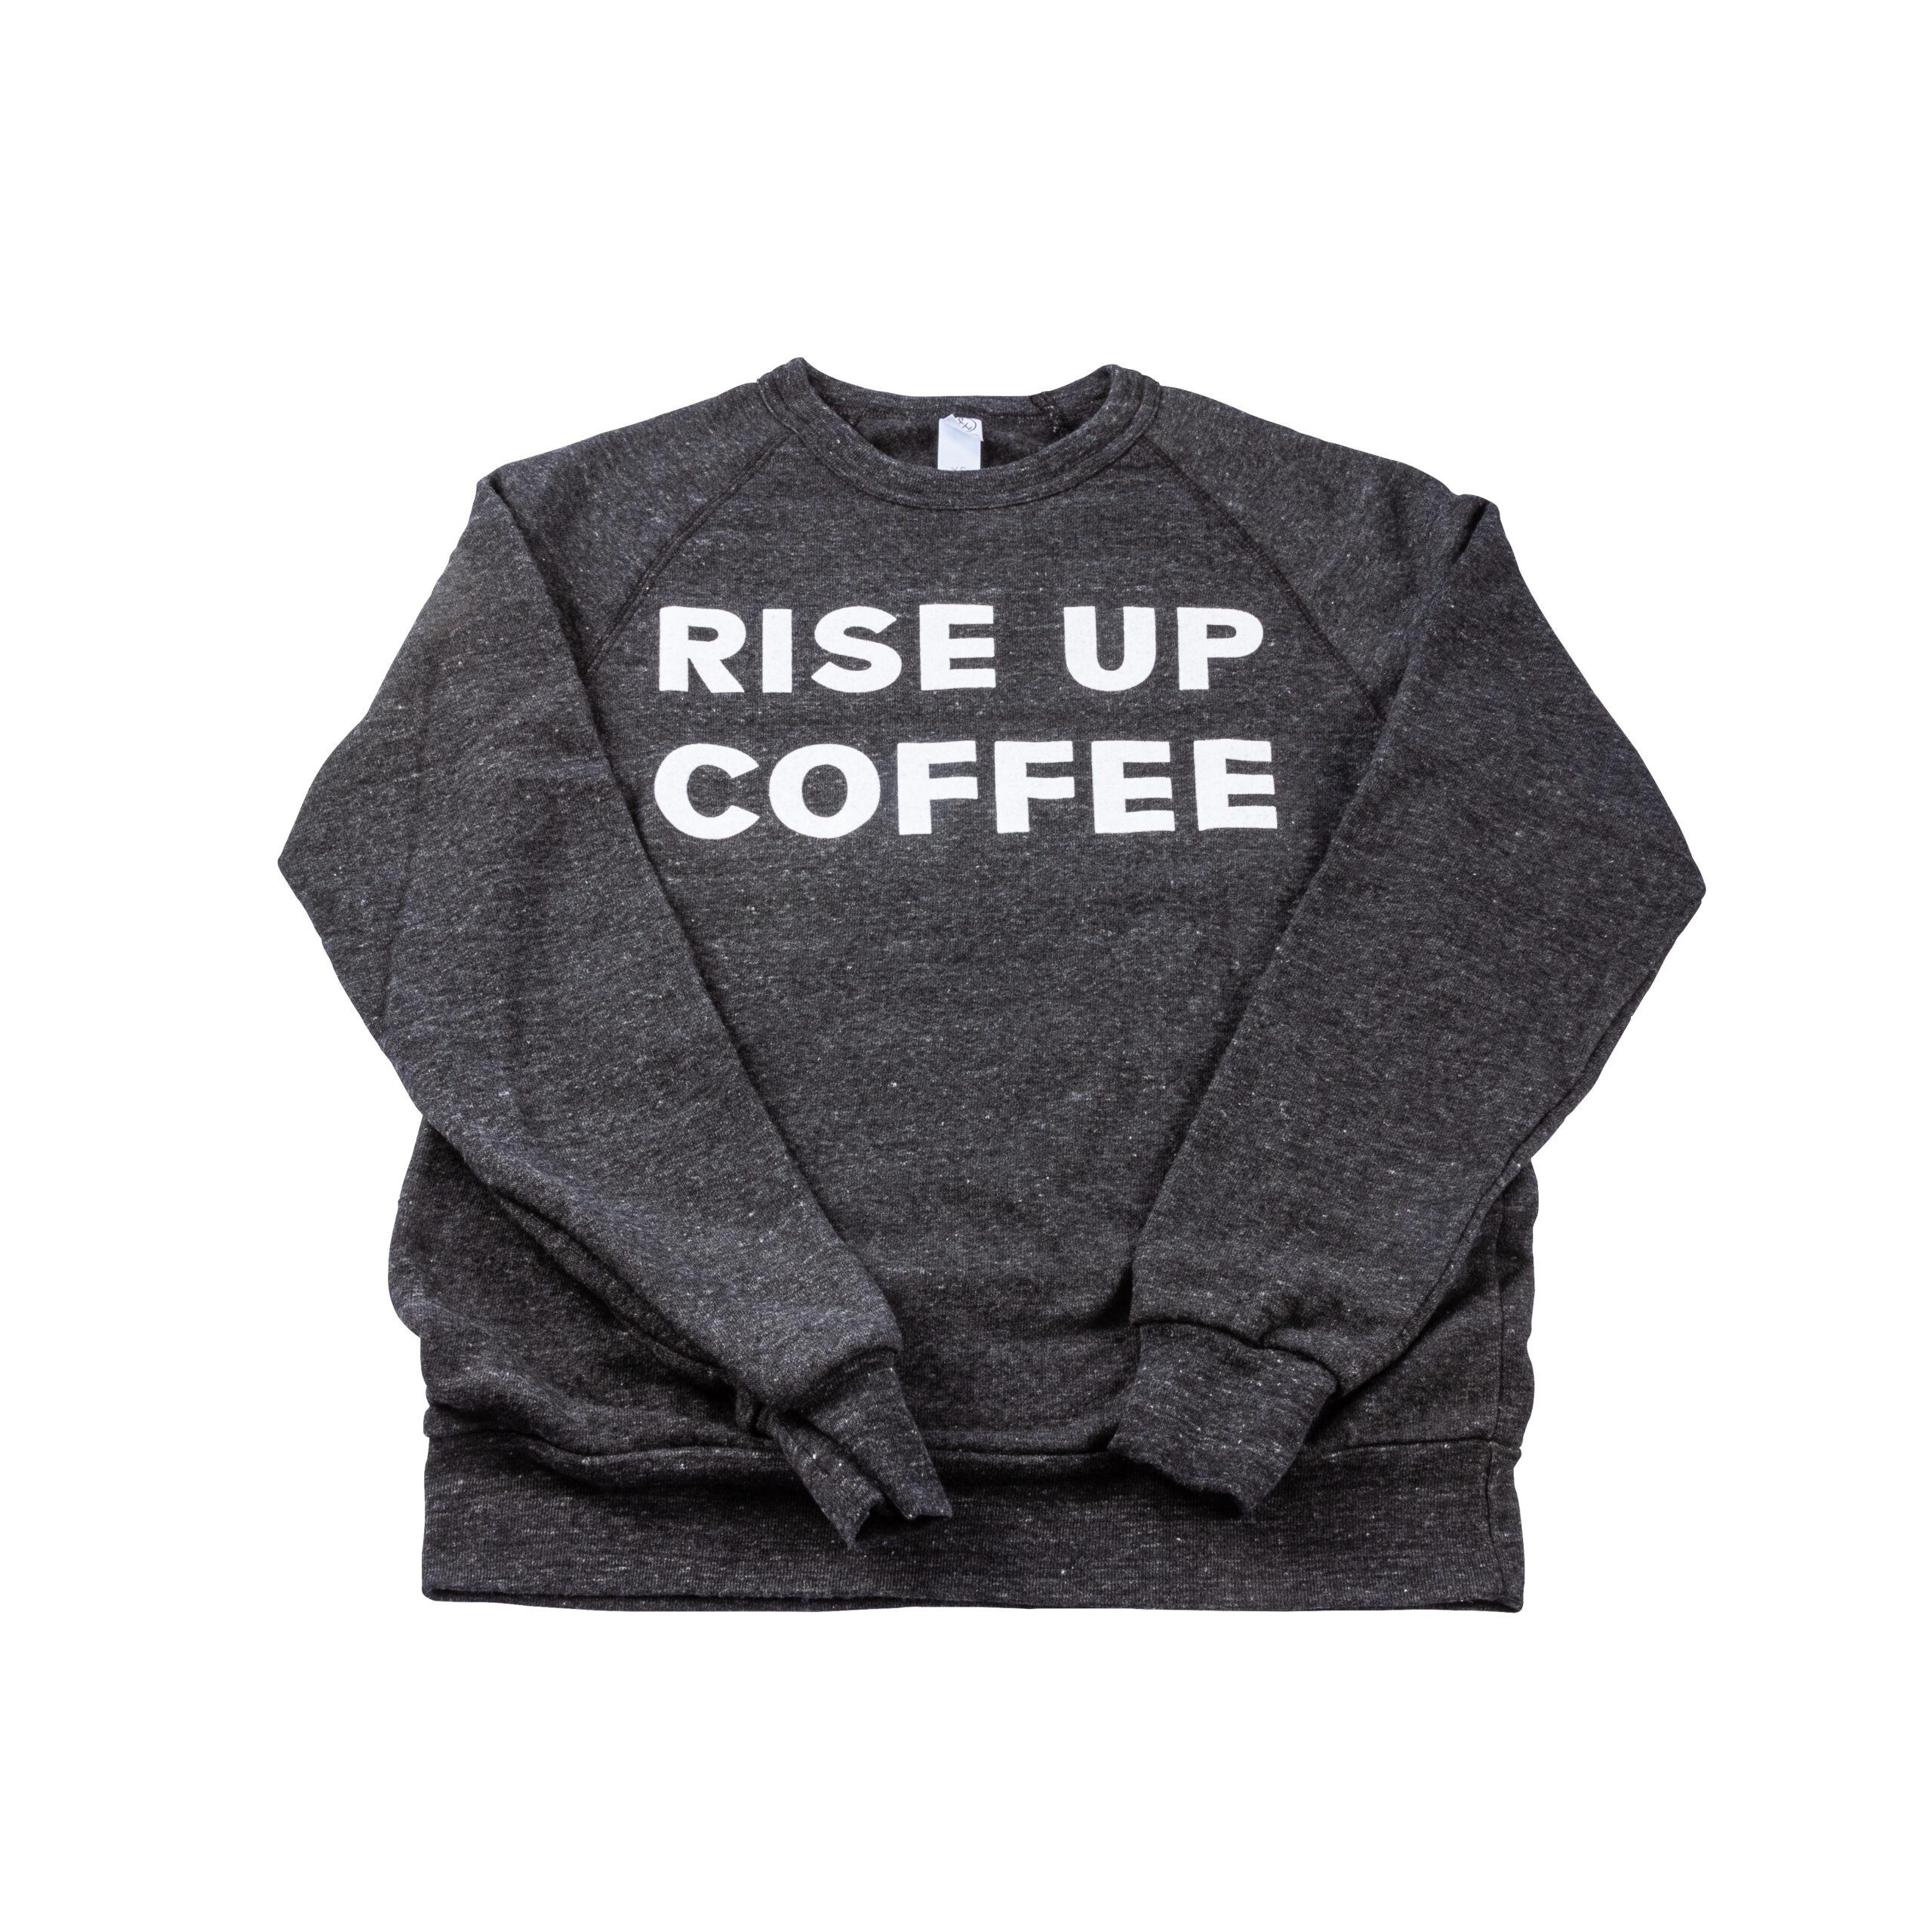 RiseUp_Sweatshirt_Charcoal